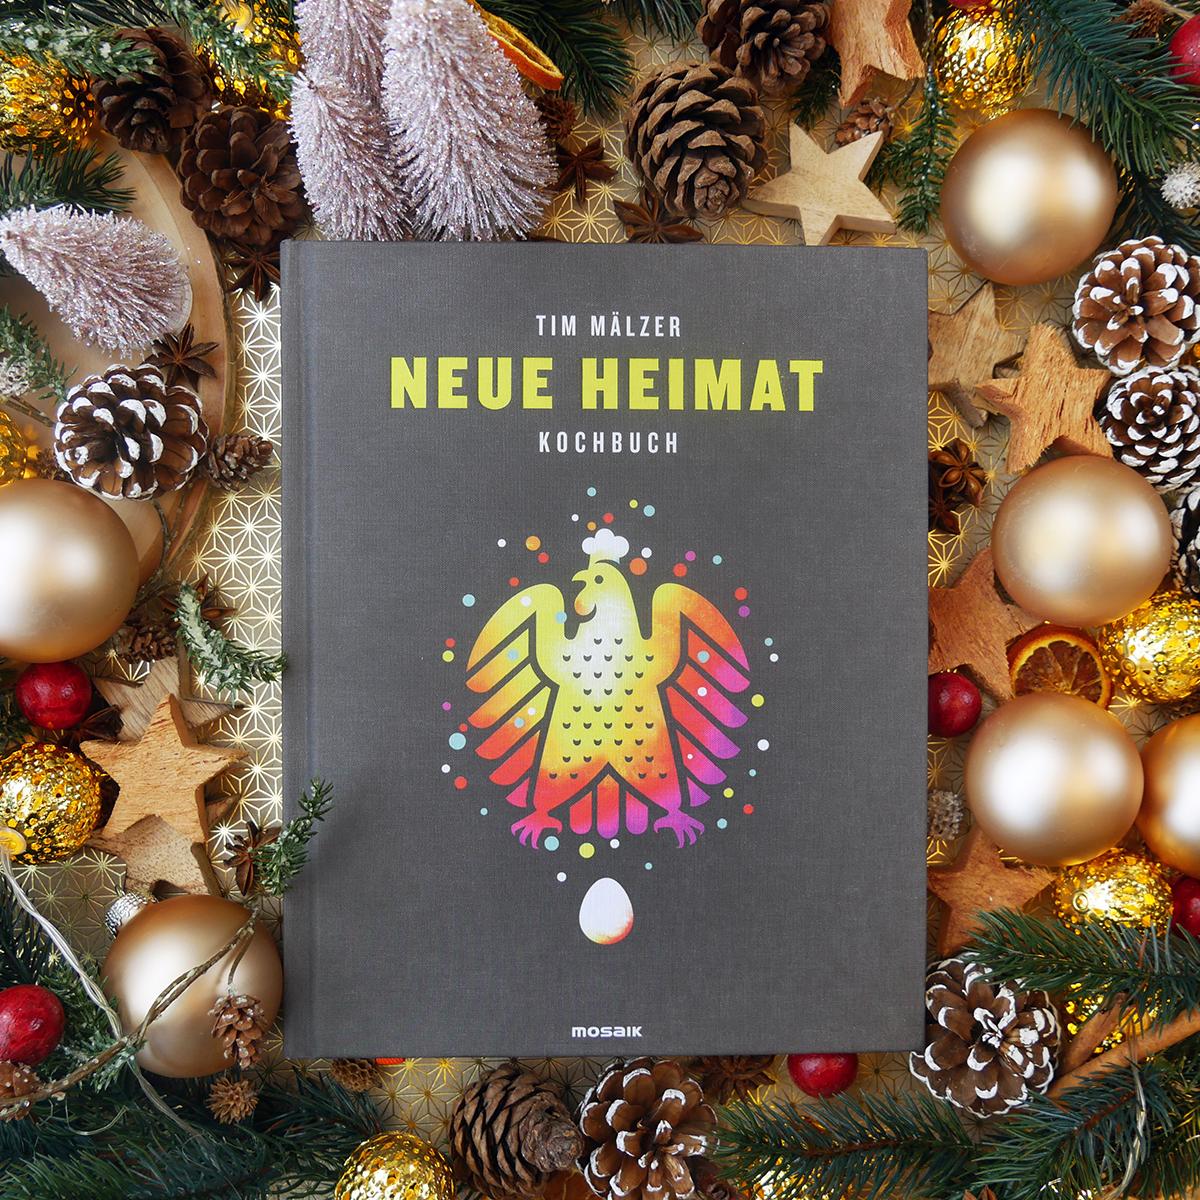 Buchgeschenkefinder Adventskalender Tag 5 Kochen Wie Daheim Das Kochbuch Neue Heimat Von Tim Malzer Bi Buch Geschenke Weihnachtsbucher Weihnachtsbasteln